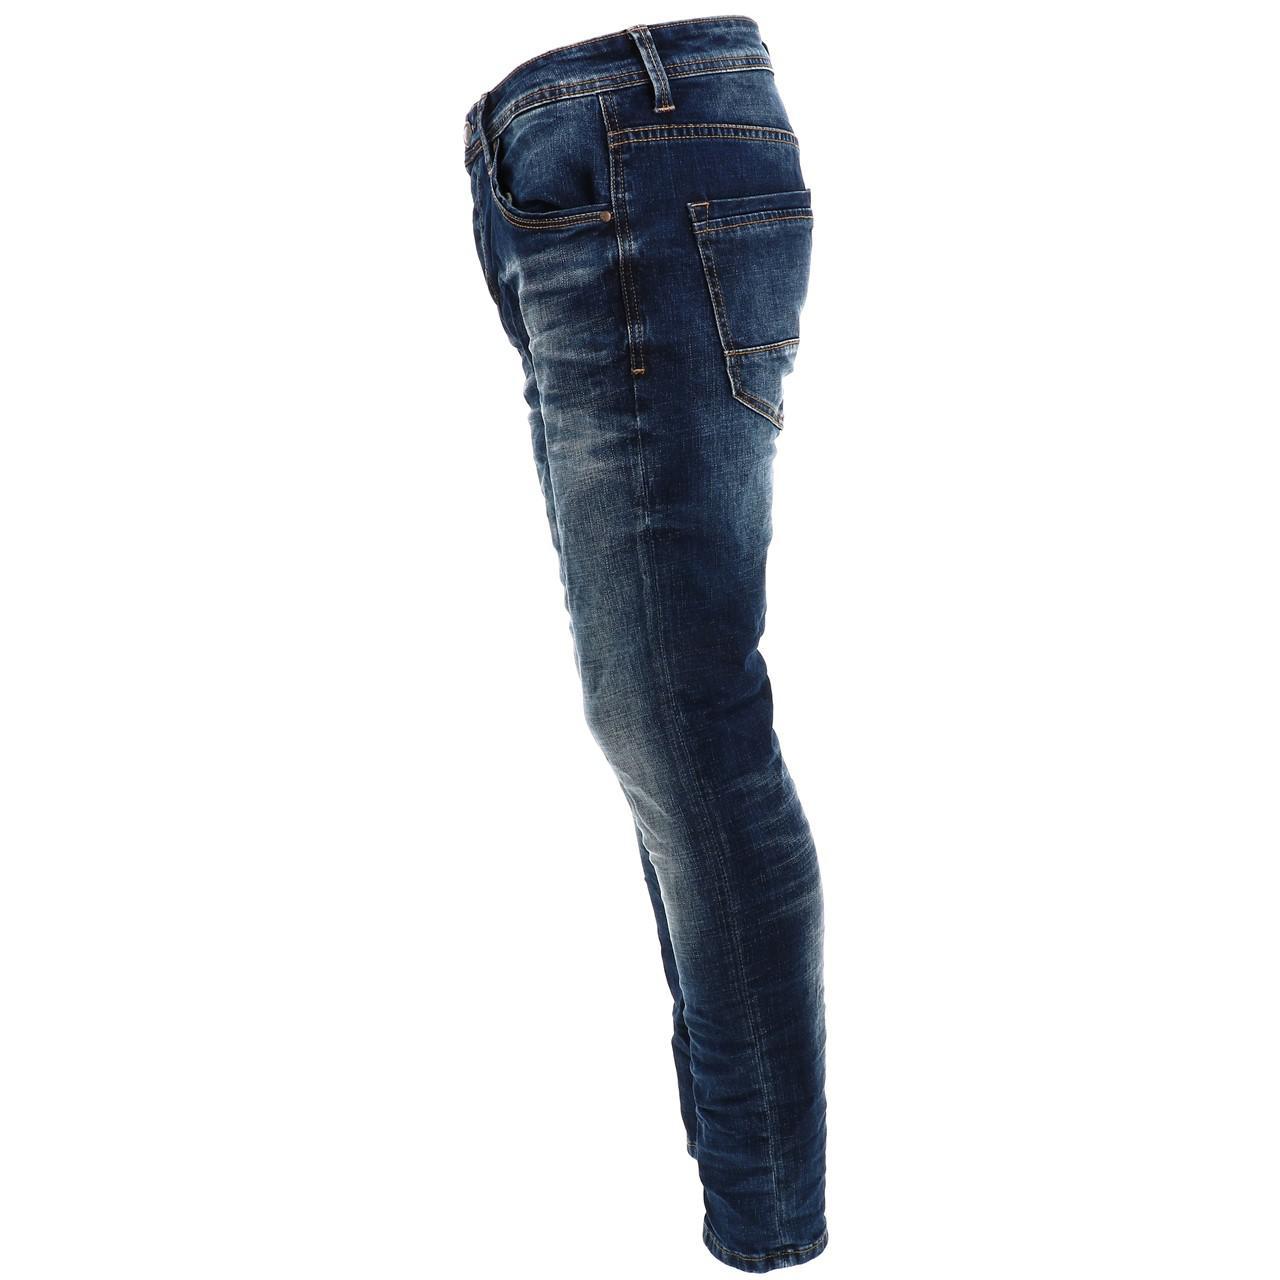 Jeans-Pants-Senders-Bullon-Used-Blue-Blue-41918-New thumbnail 3